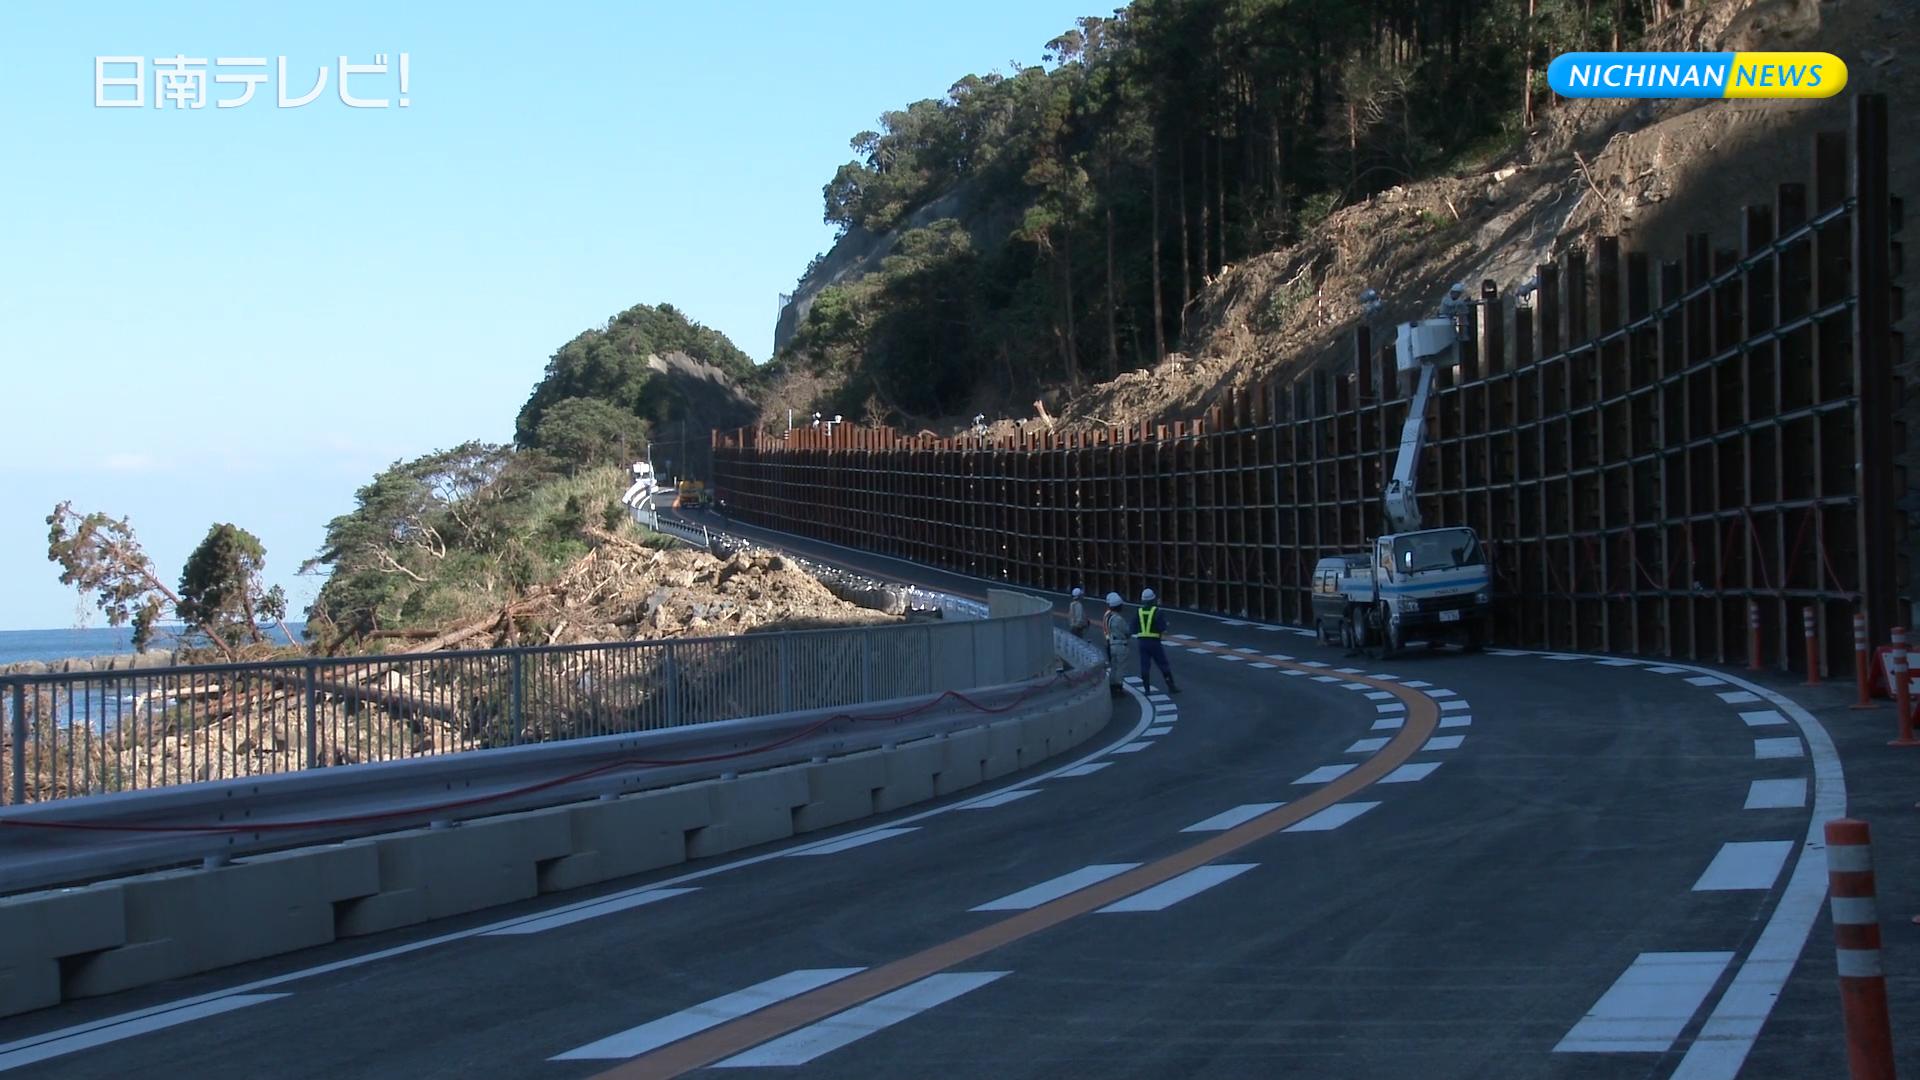 台風被害の国道220号 全面通行開始